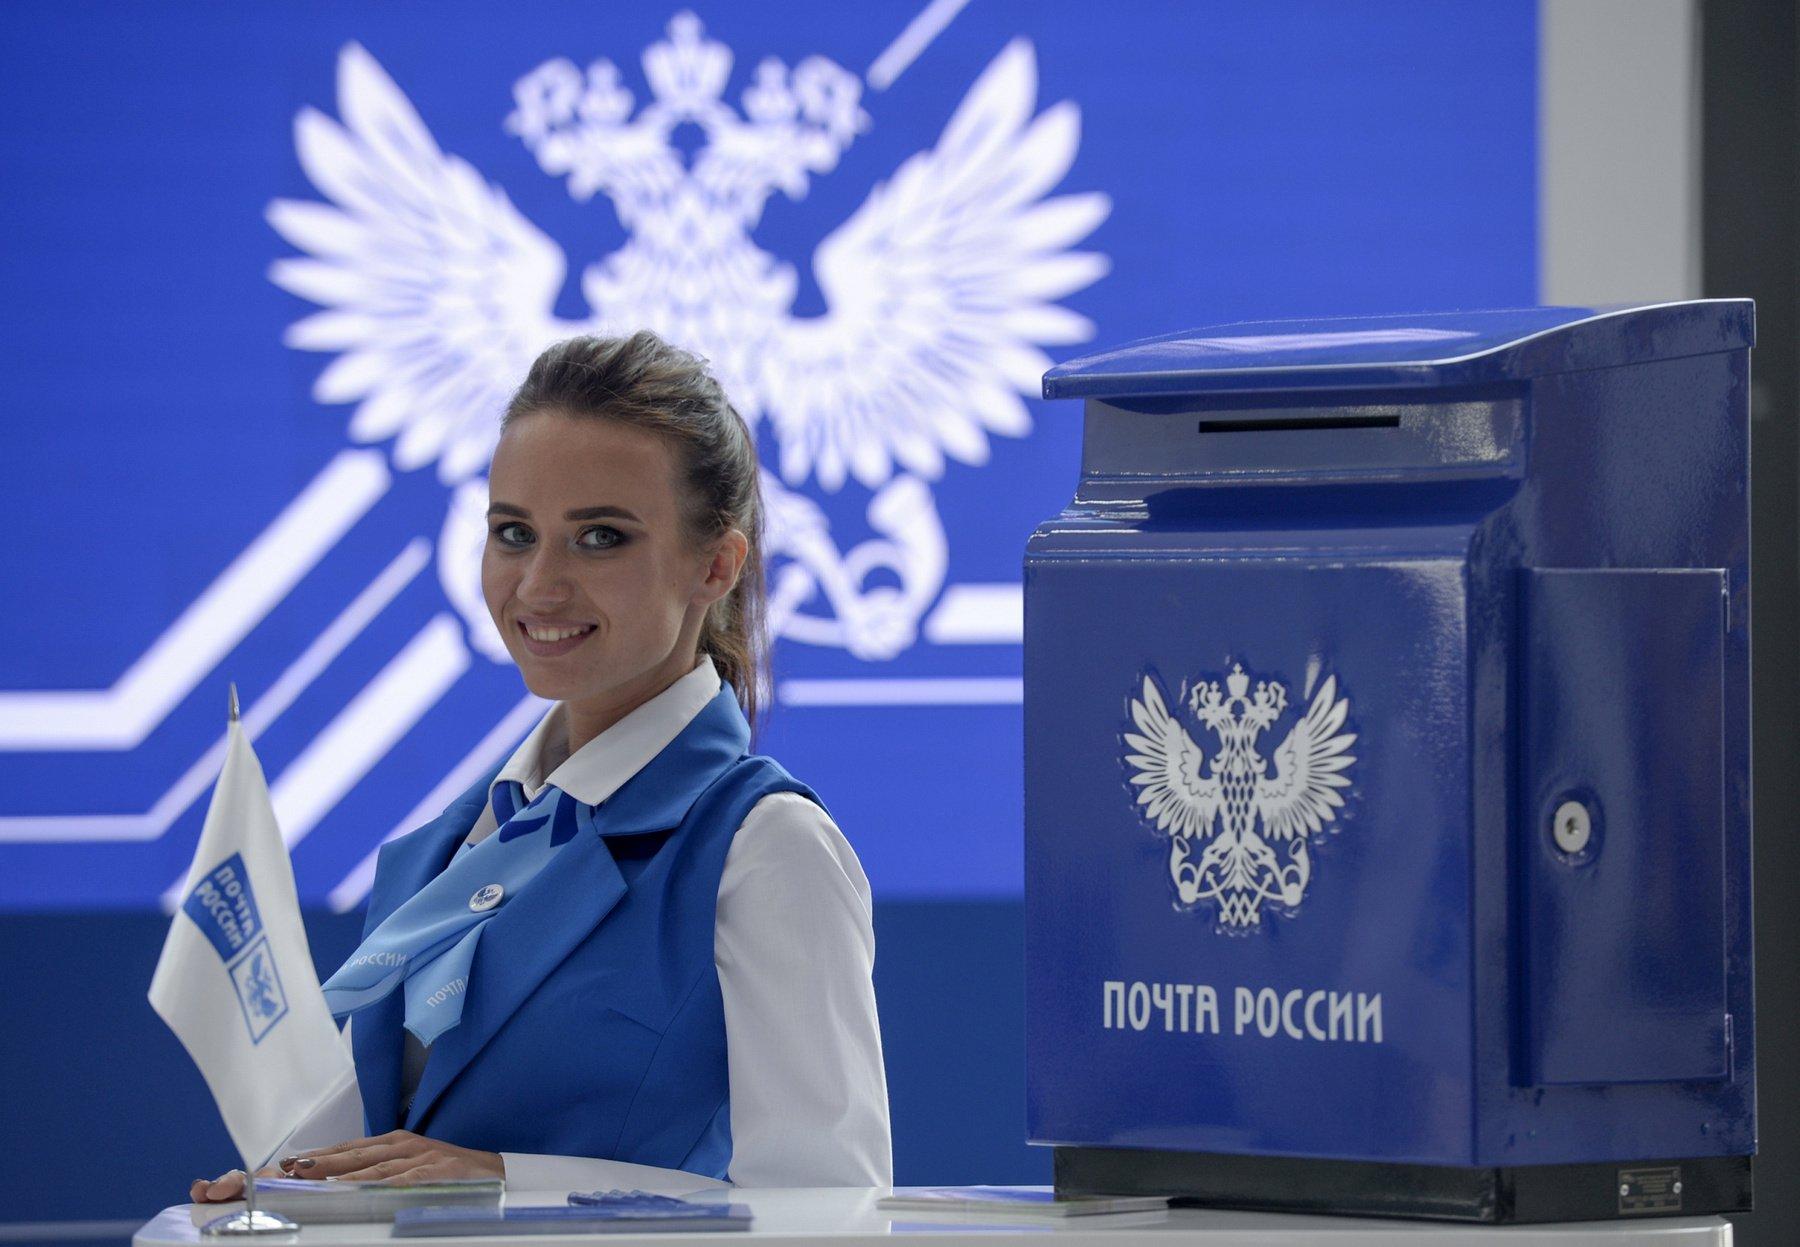 Почта России начала выдавать заказы из интернет-магазинов через почтоматы